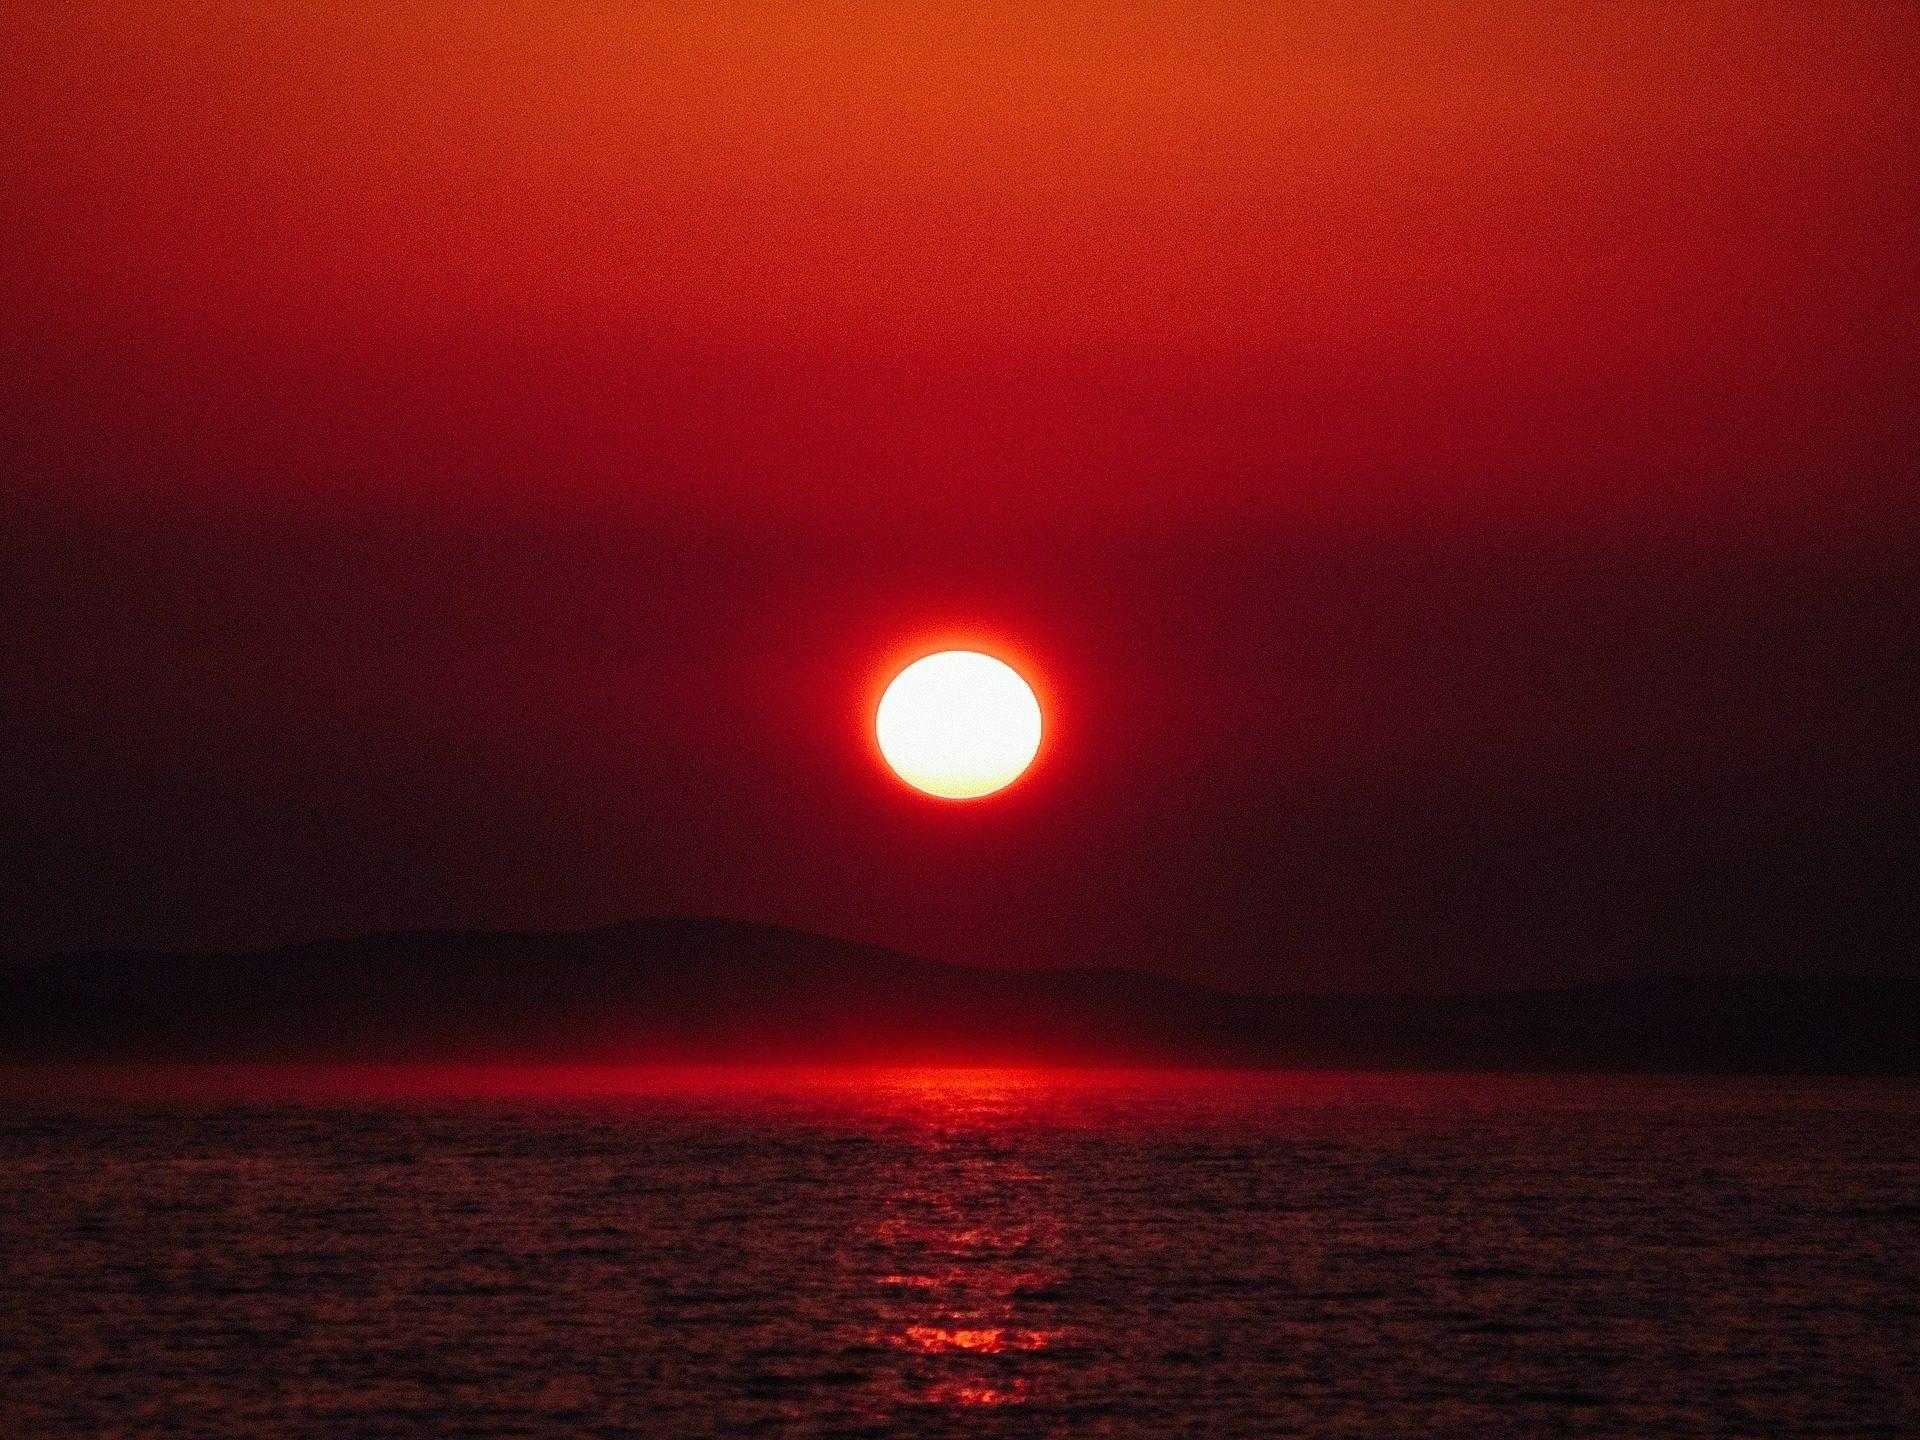 Fondo de pantalla de sol rojo horizonte mar monta as for Fondo del sol